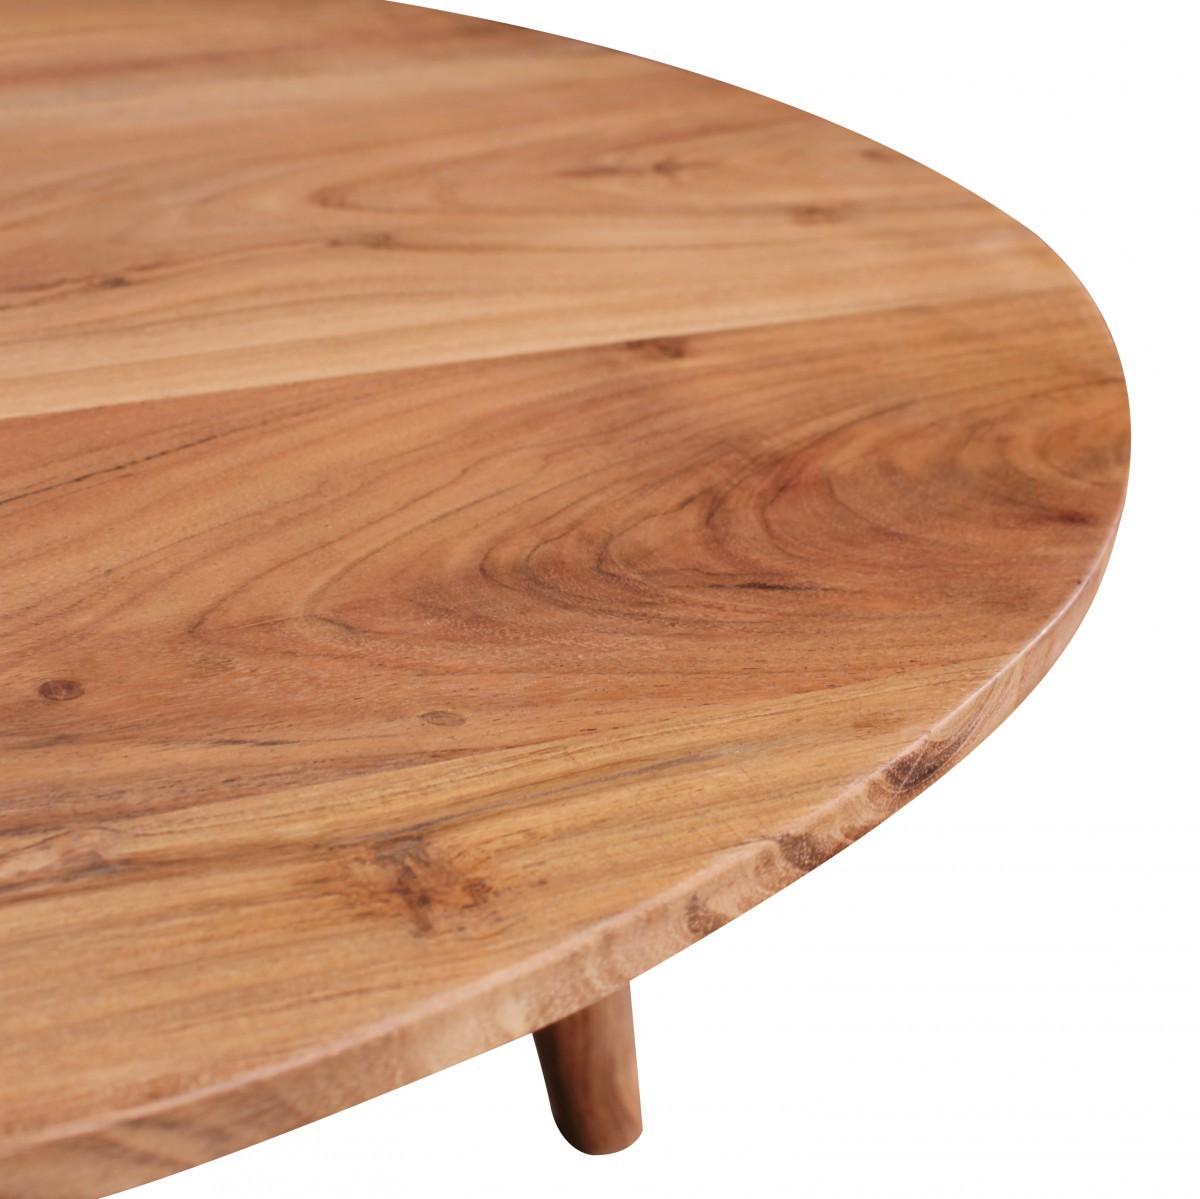 finebuy couchtisch massivholz akazie wohnzimmertisch rund 75 x 40 cm beistelltisch mit 4. Black Bedroom Furniture Sets. Home Design Ideas